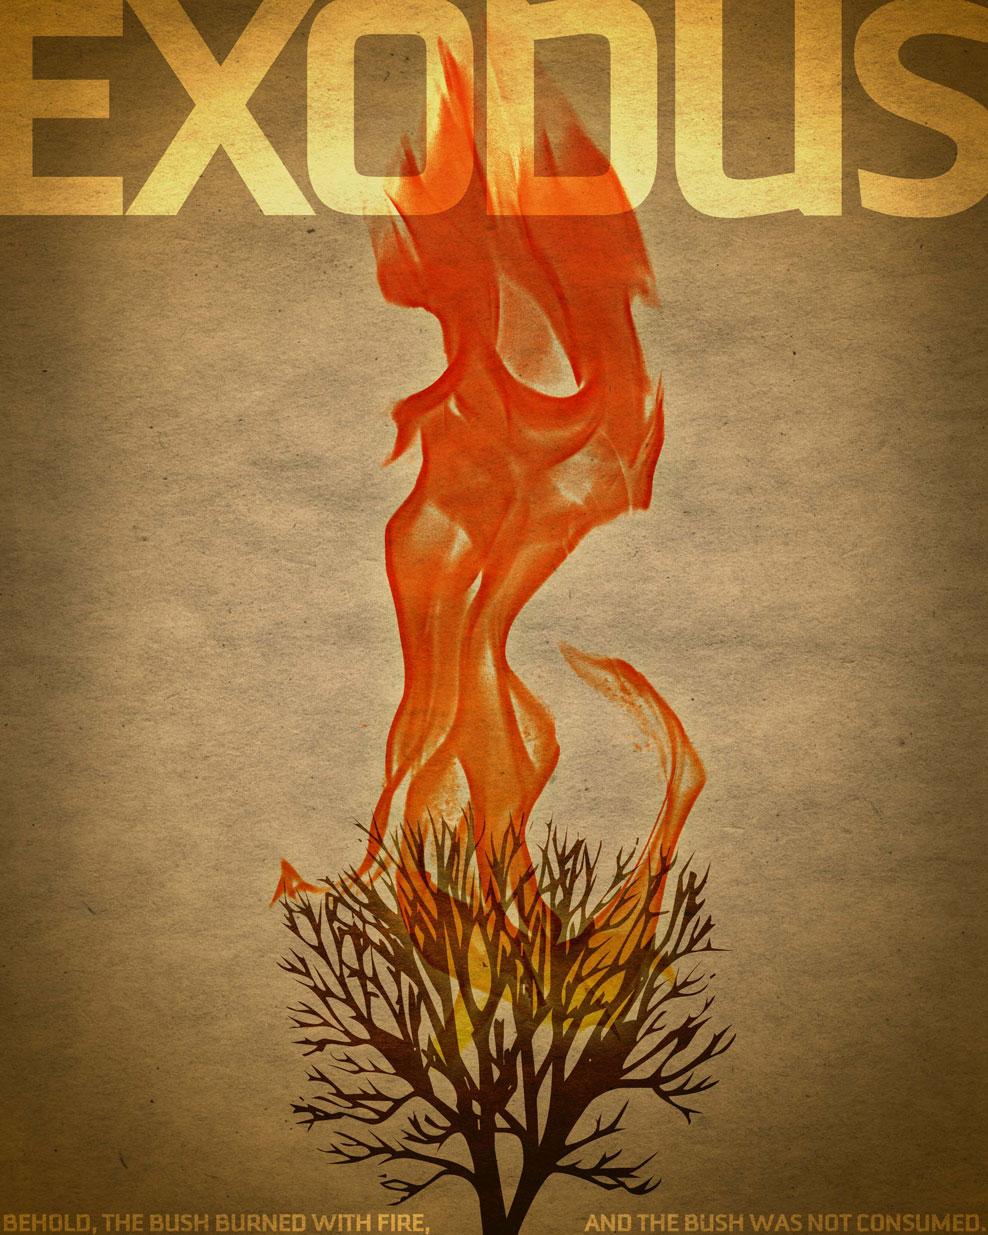 02-Exodus_988.jpg